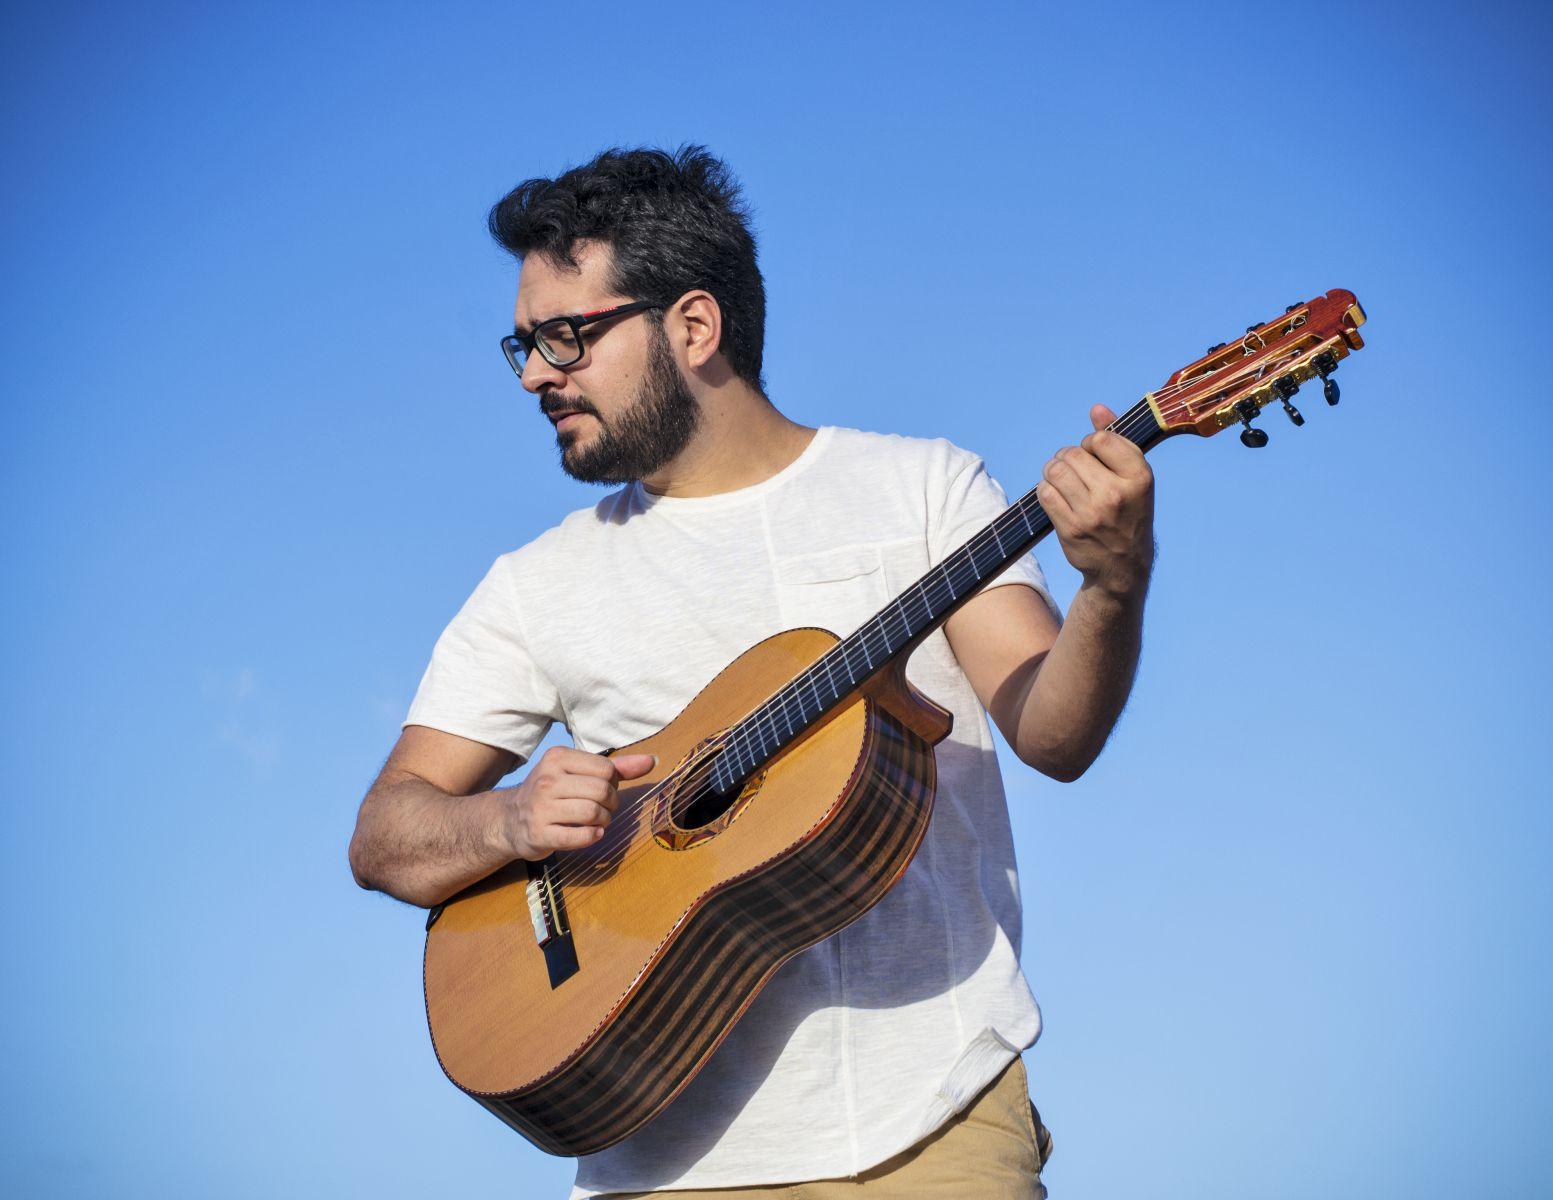 Lives de violão: Swami Jr e Cainã Cavalcante são as atrações desta quarta-feira (03/06) - Cainã Cavalcante